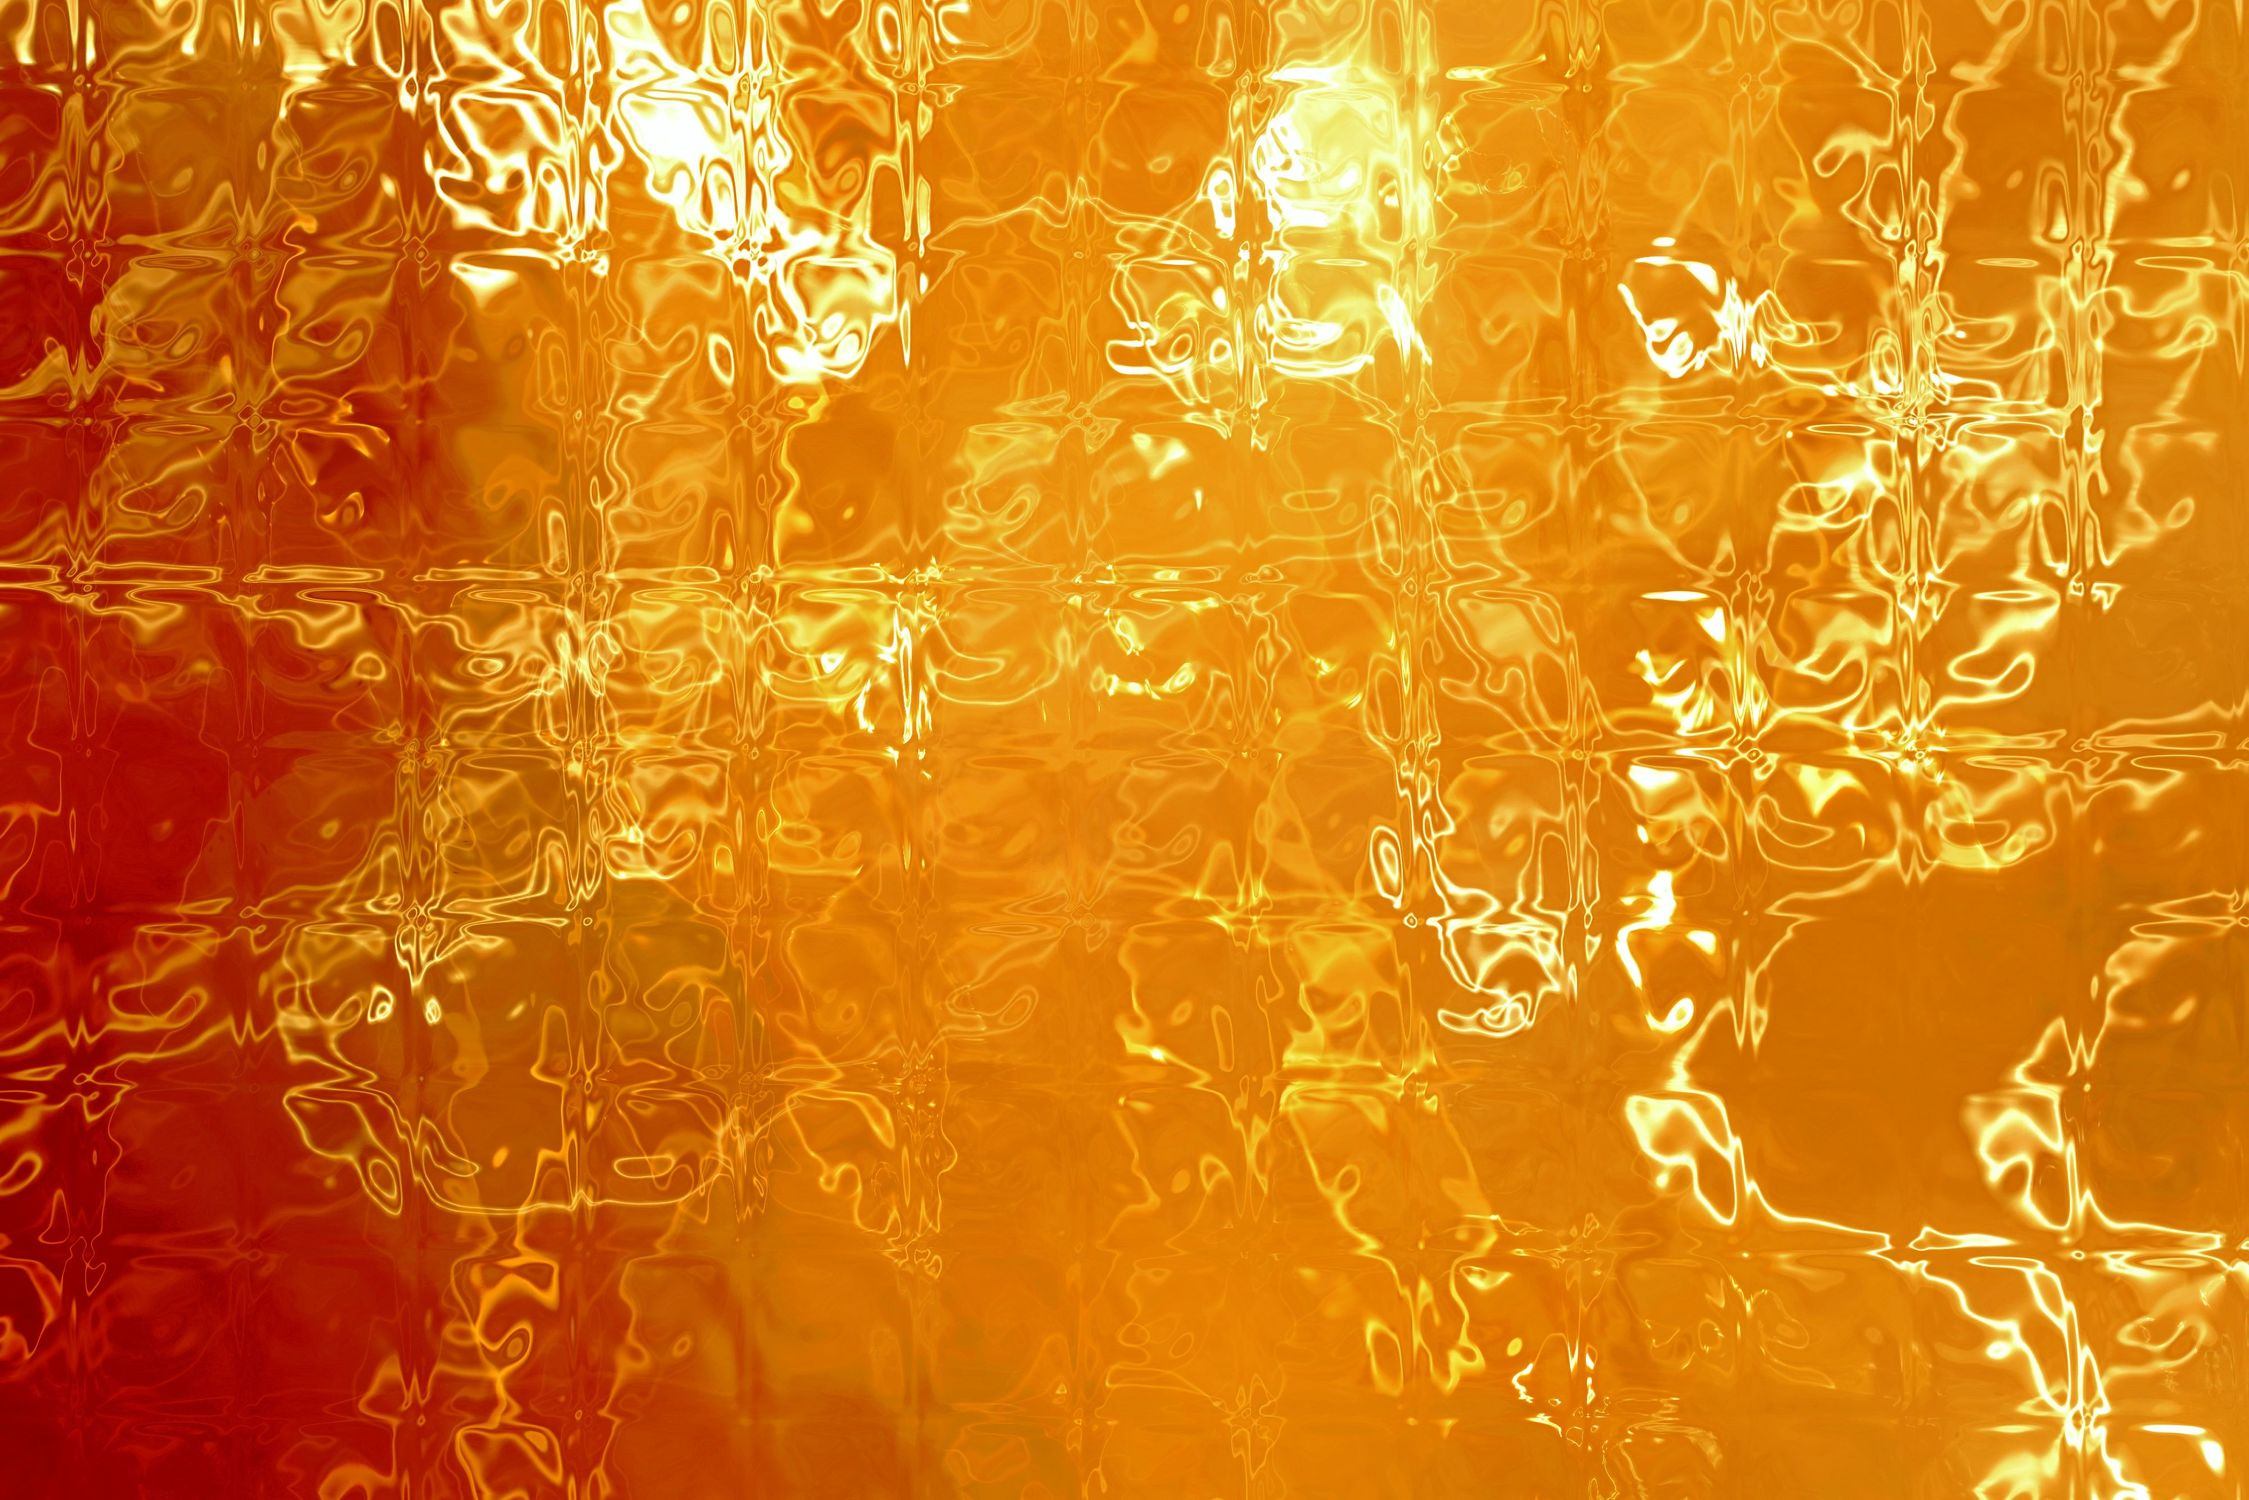 Bild mit Farben, Orange, Gelb, Kunst, Abstrakt, Abstrakte Kunst, Abstrakte Malerei